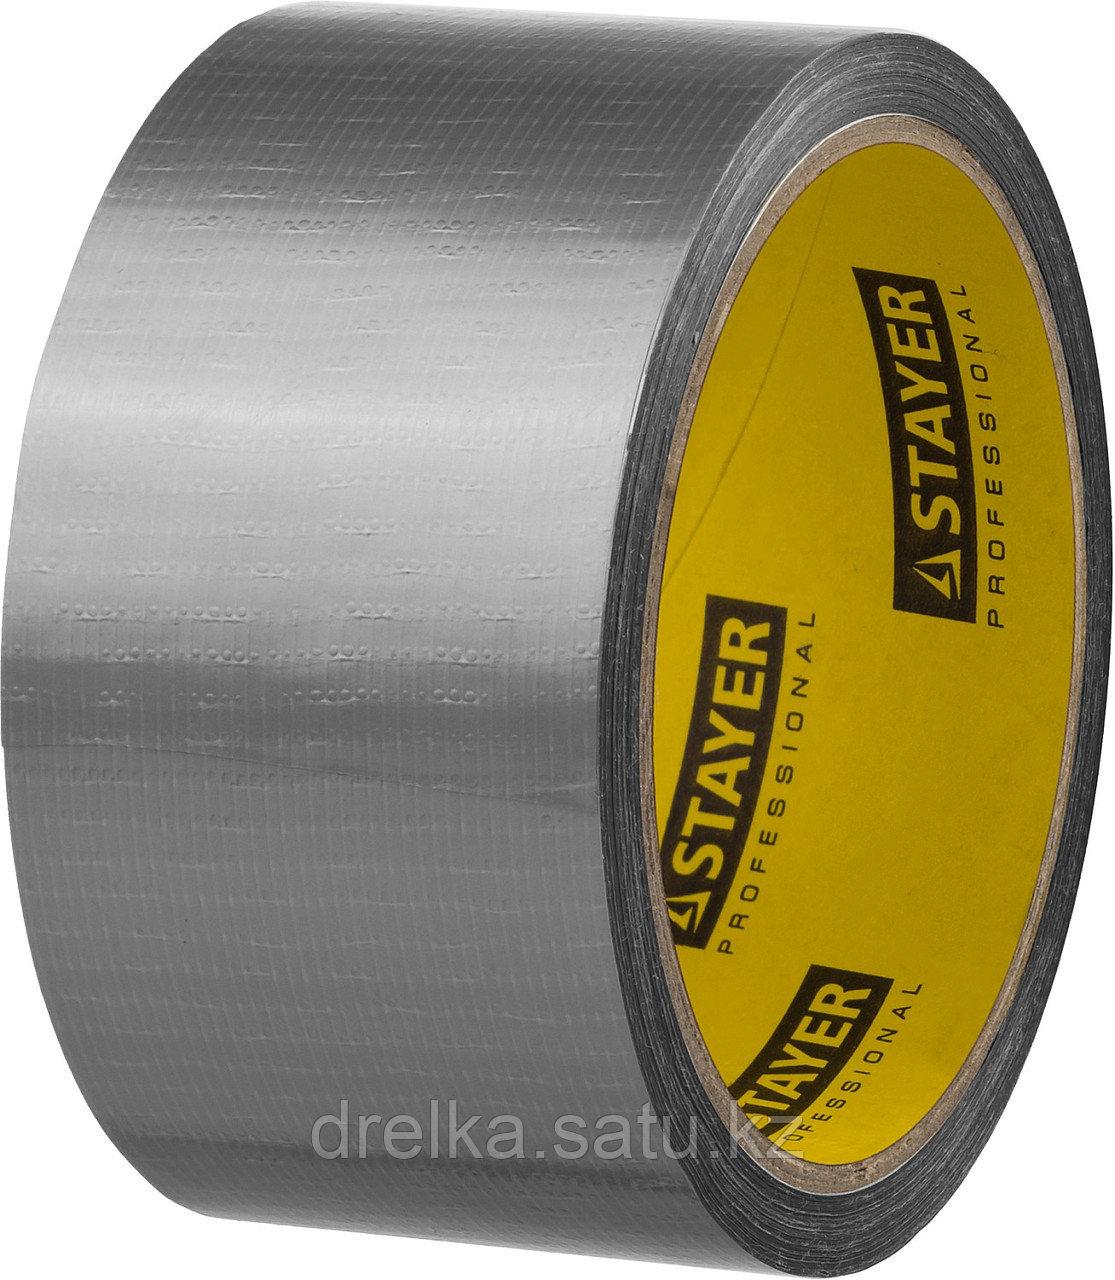 Армированная лента, STAYER 12080-50-10, универсальная, влагостойкая, 48мм х 10м, серебристая